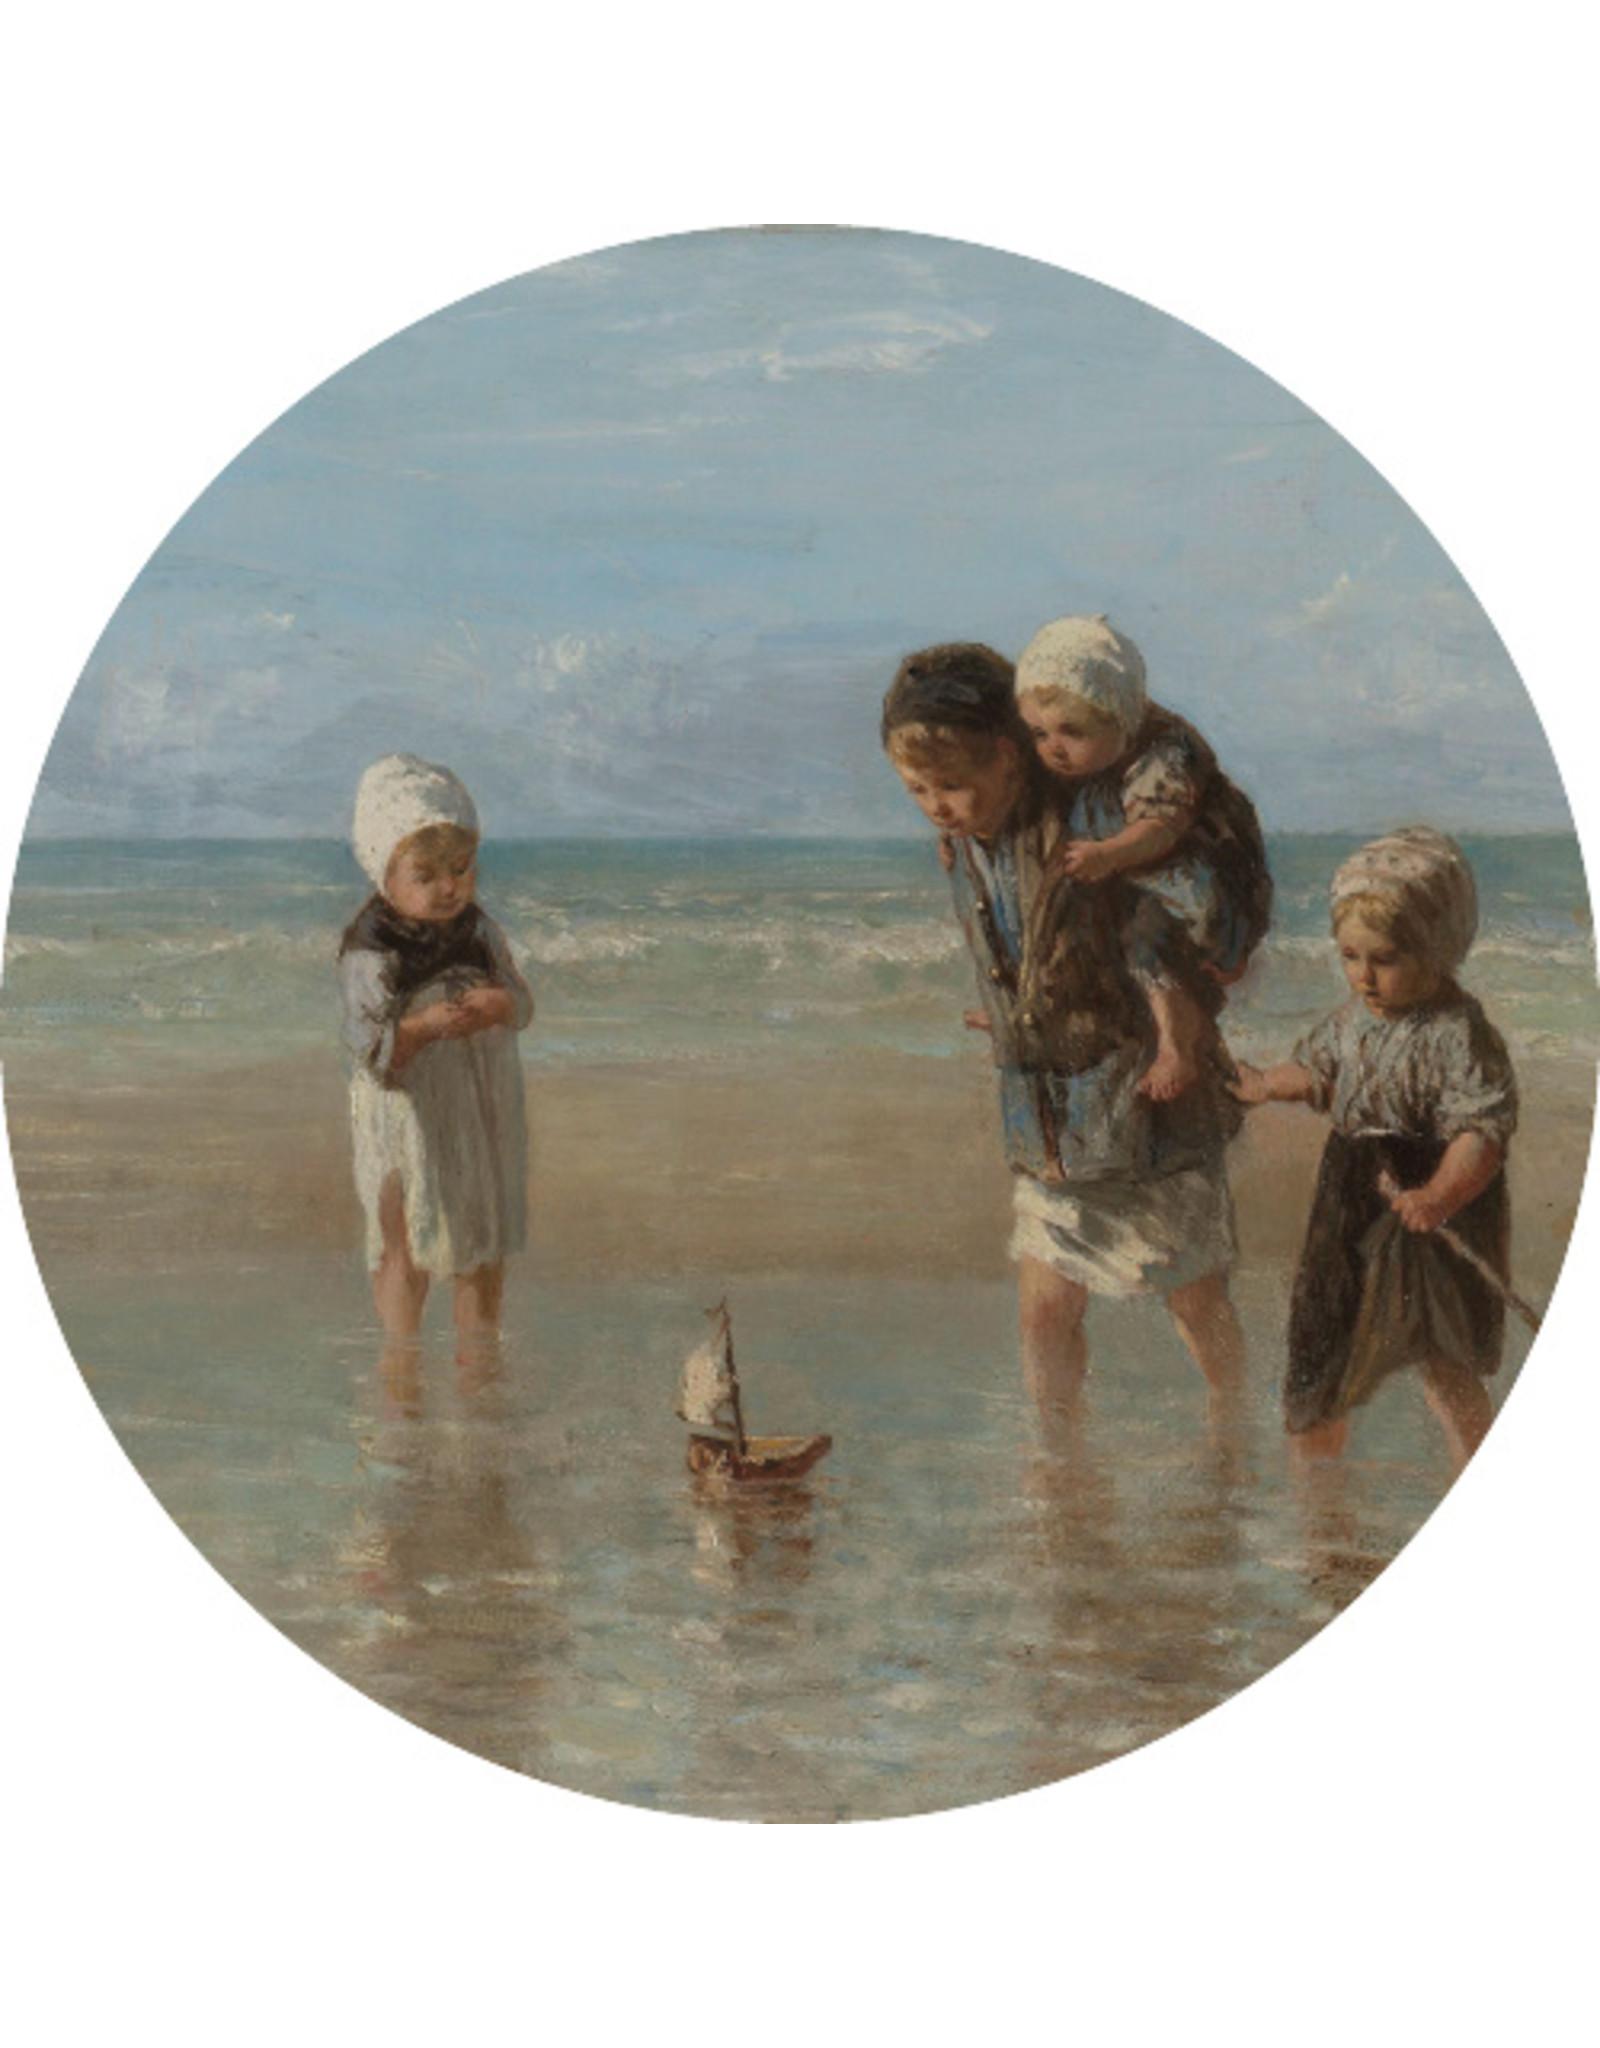 Dunnebier Home Muursticker Kinderen op het strand - Rijksmuseum - verwijderbaar